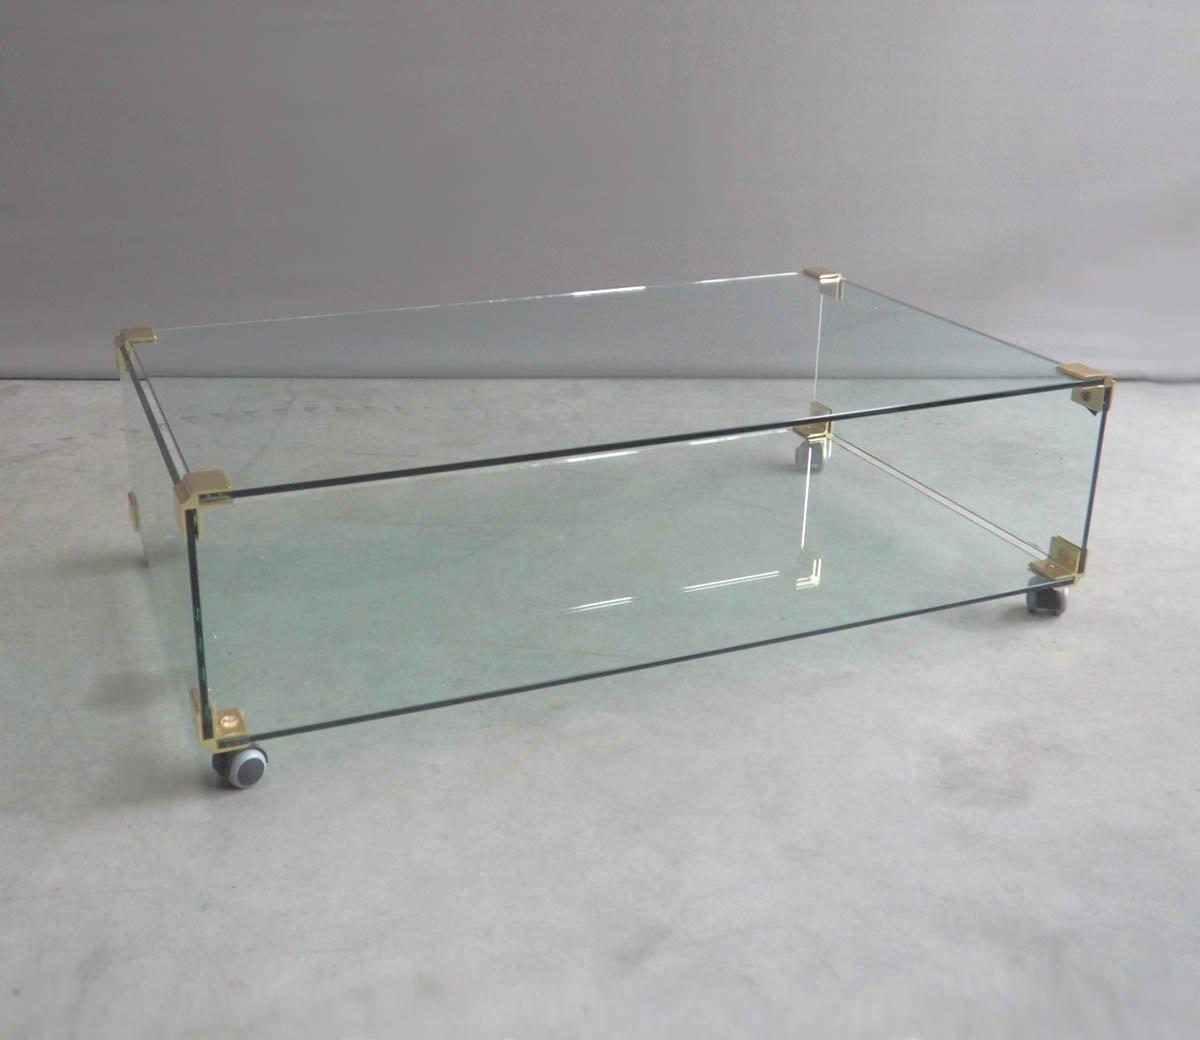 Grande table basse en verre et en laiton sur roulettes for Table basse verre et laiton